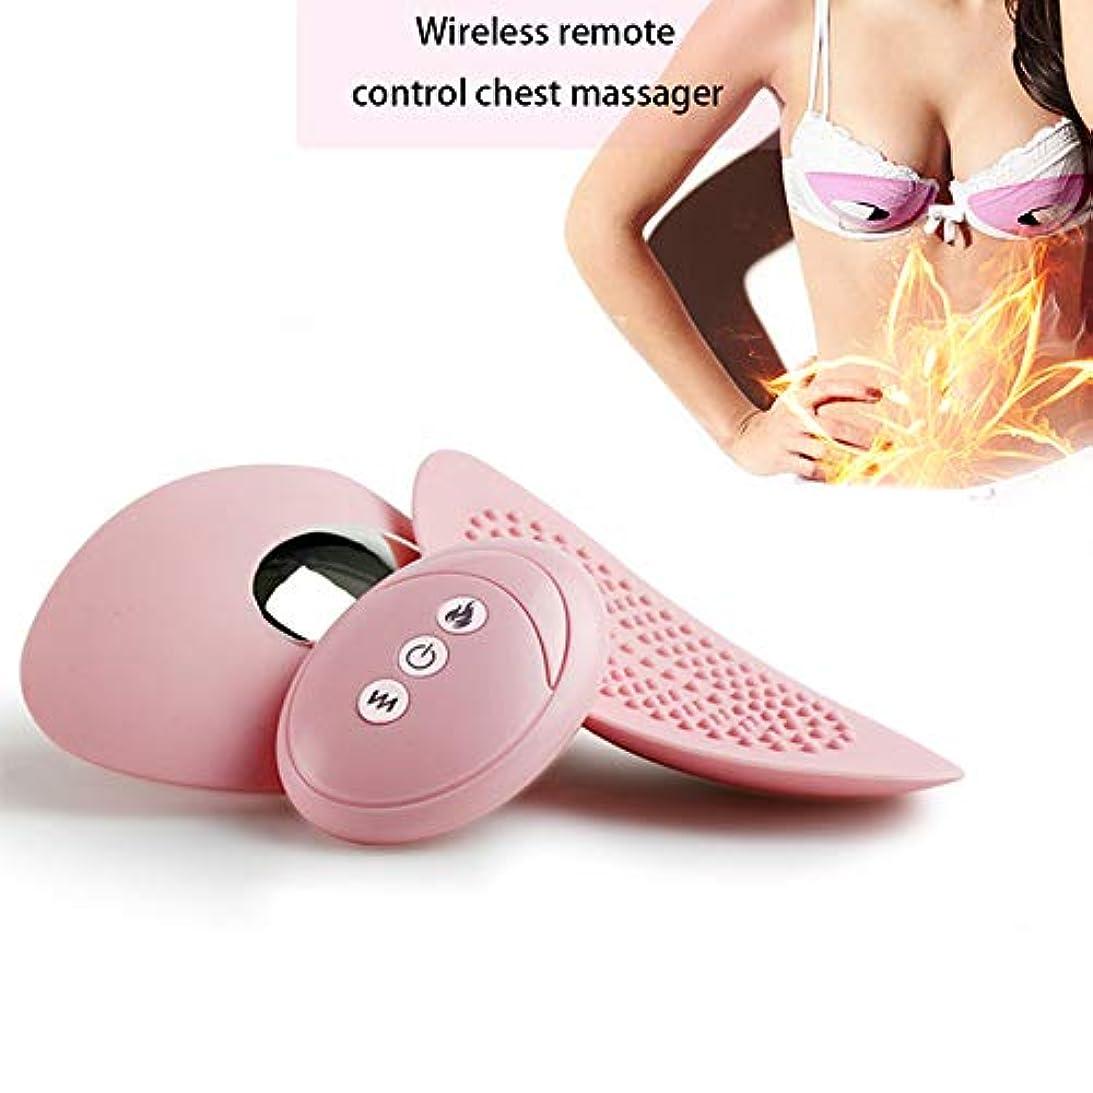 聴覚アイデア絶えず電気乳房マッサージ乳バイブレーター10スピードインテリジェント振動バスト暖房乳ワイヤレスはマッサージャーを増やします